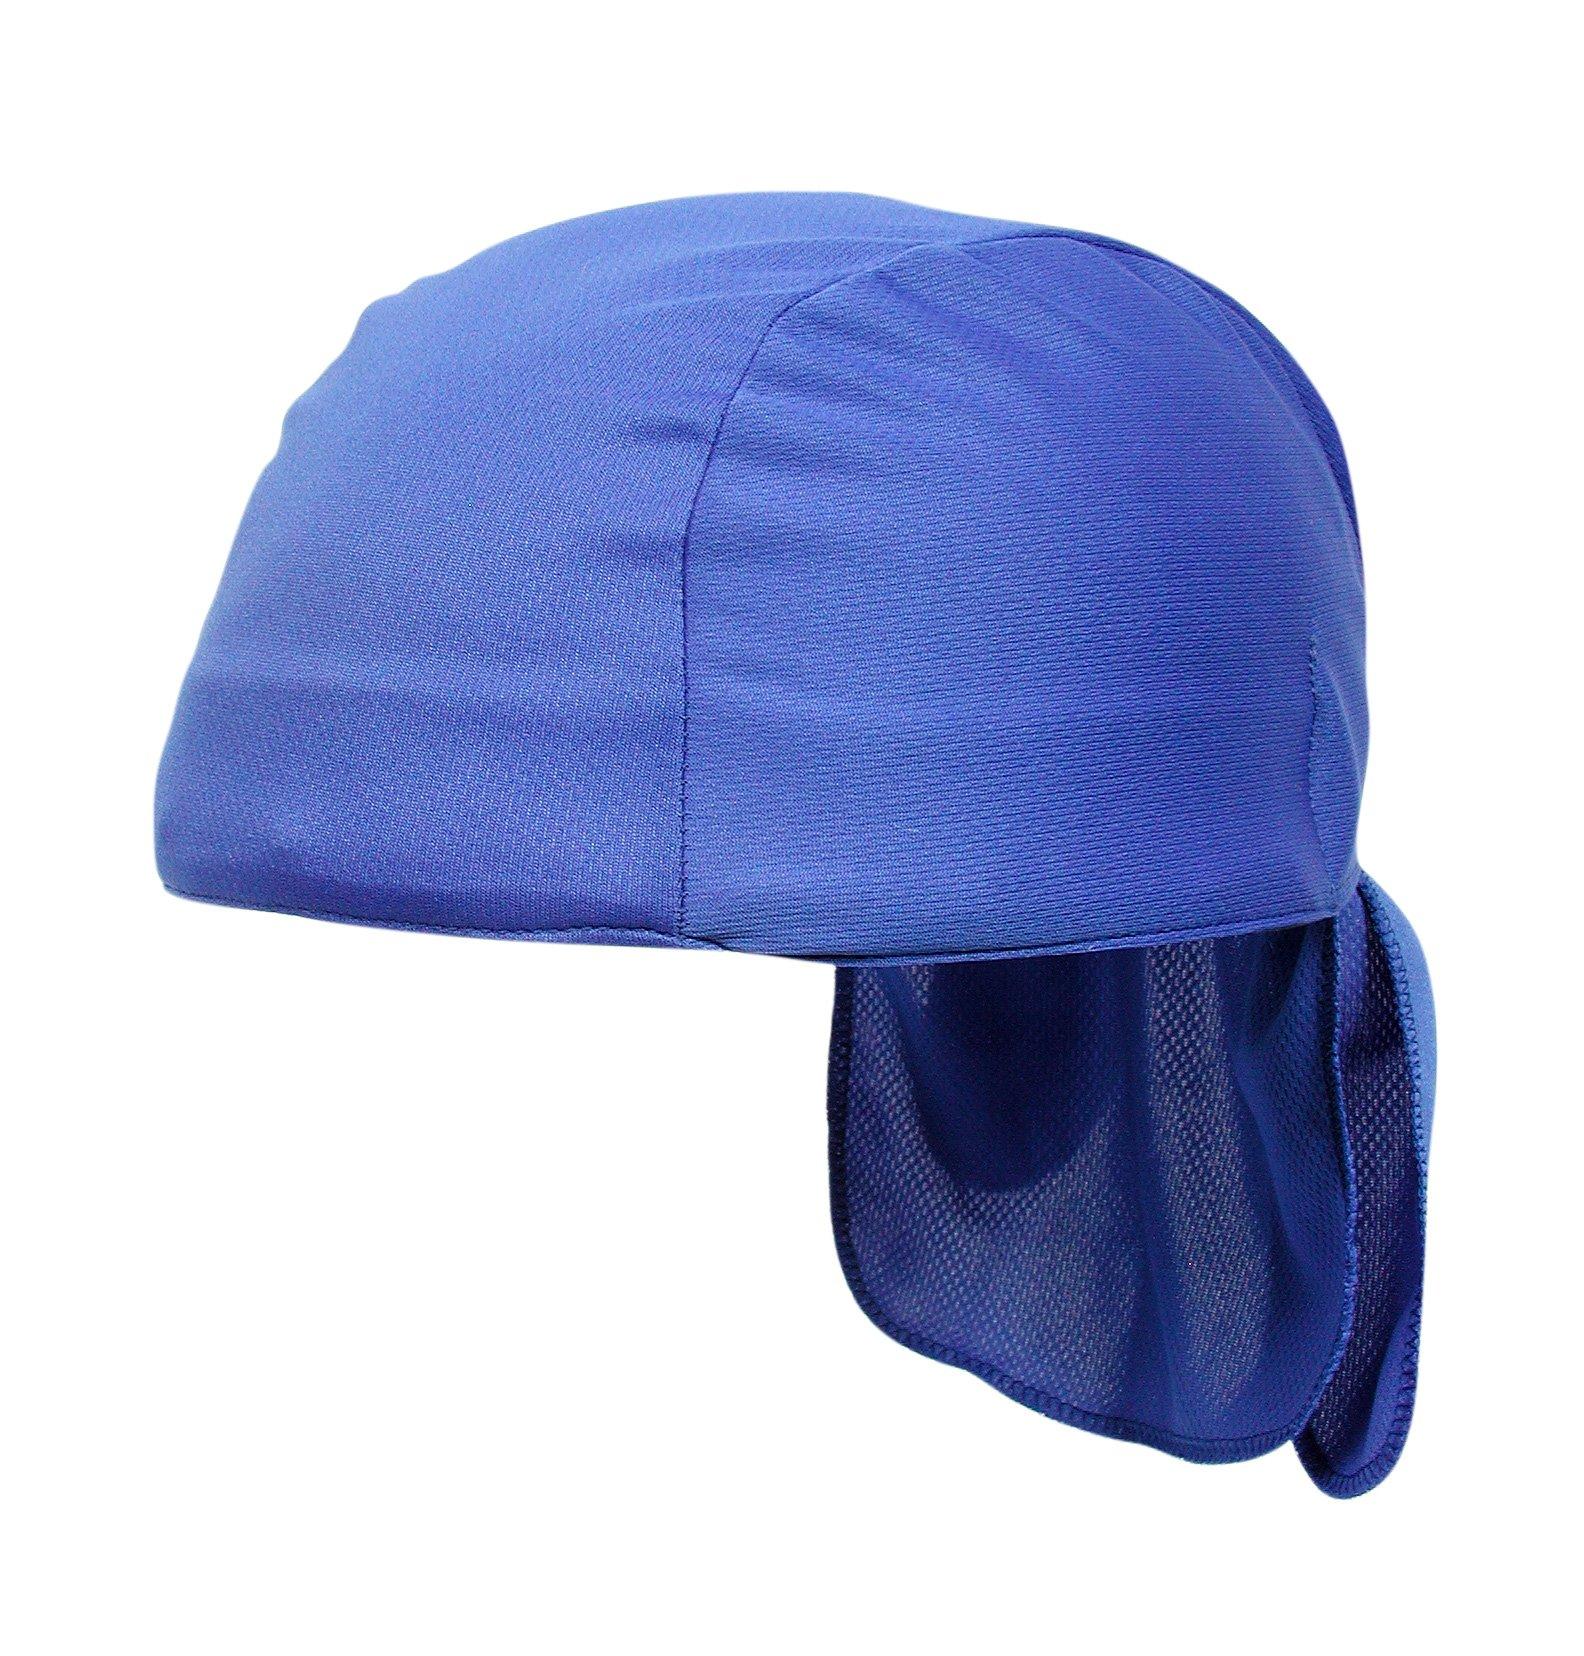 Pace Sportswear Vaportech Royal Blue Skull Cap by Pace Sportswear (Image #1)